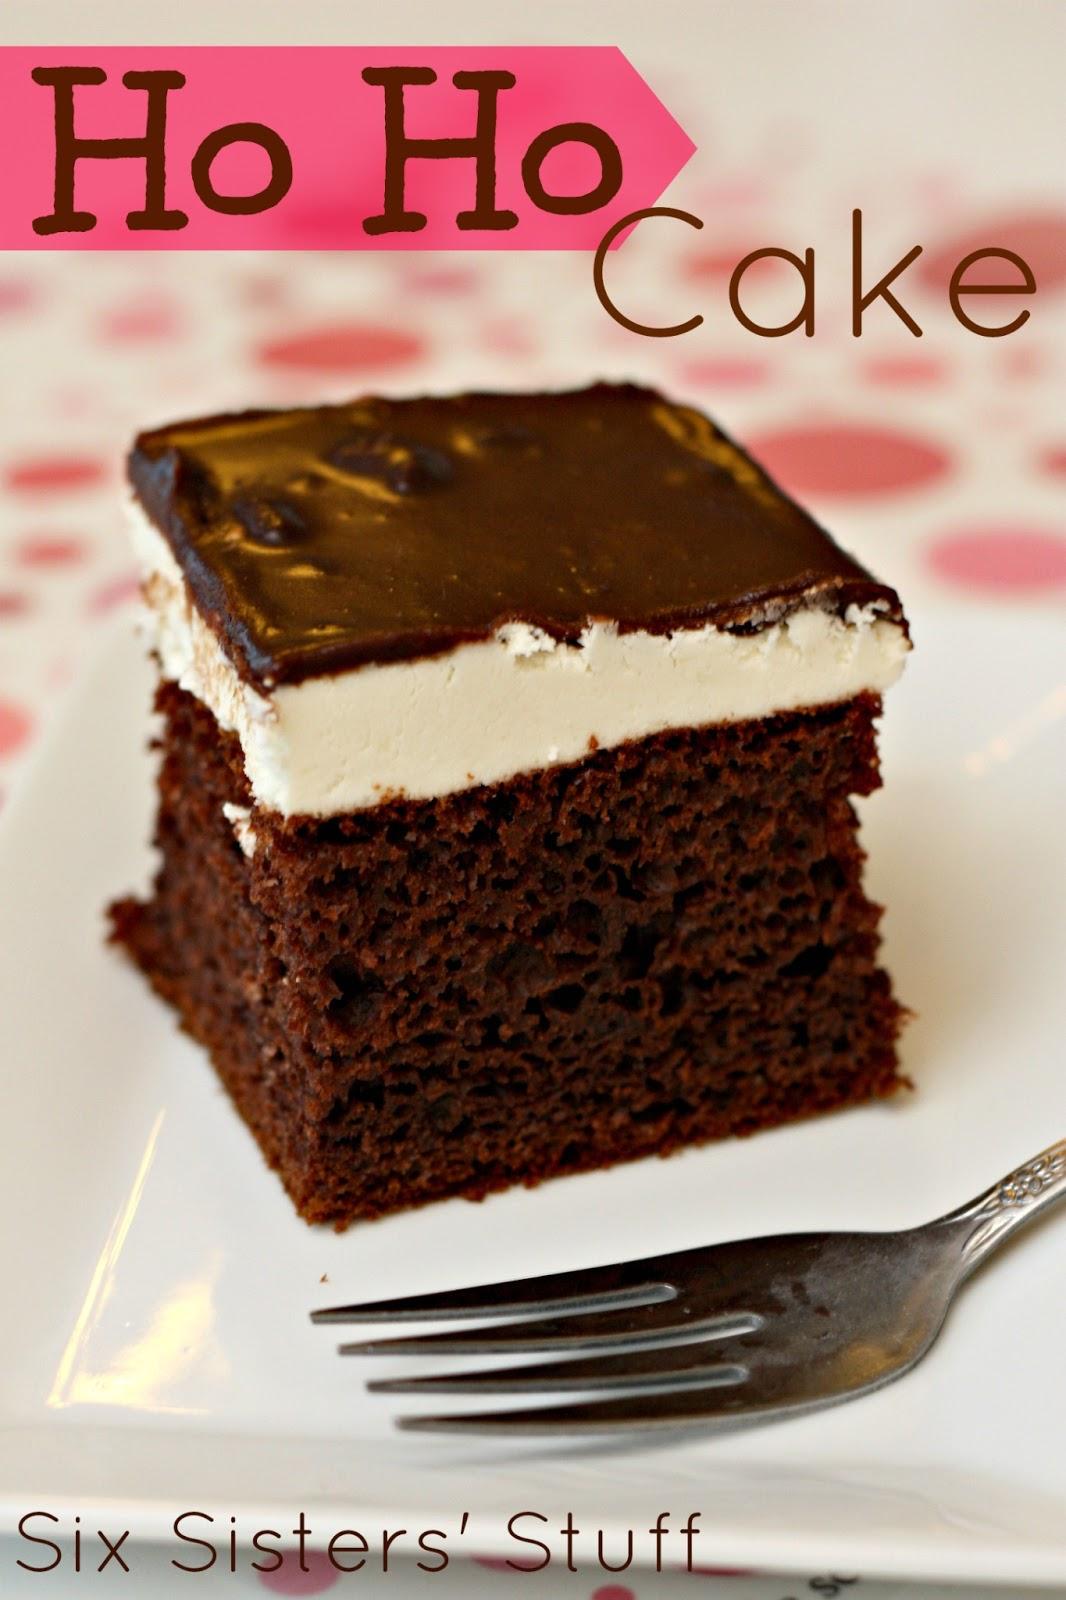 Hostess Ho Ho Cake Recipe